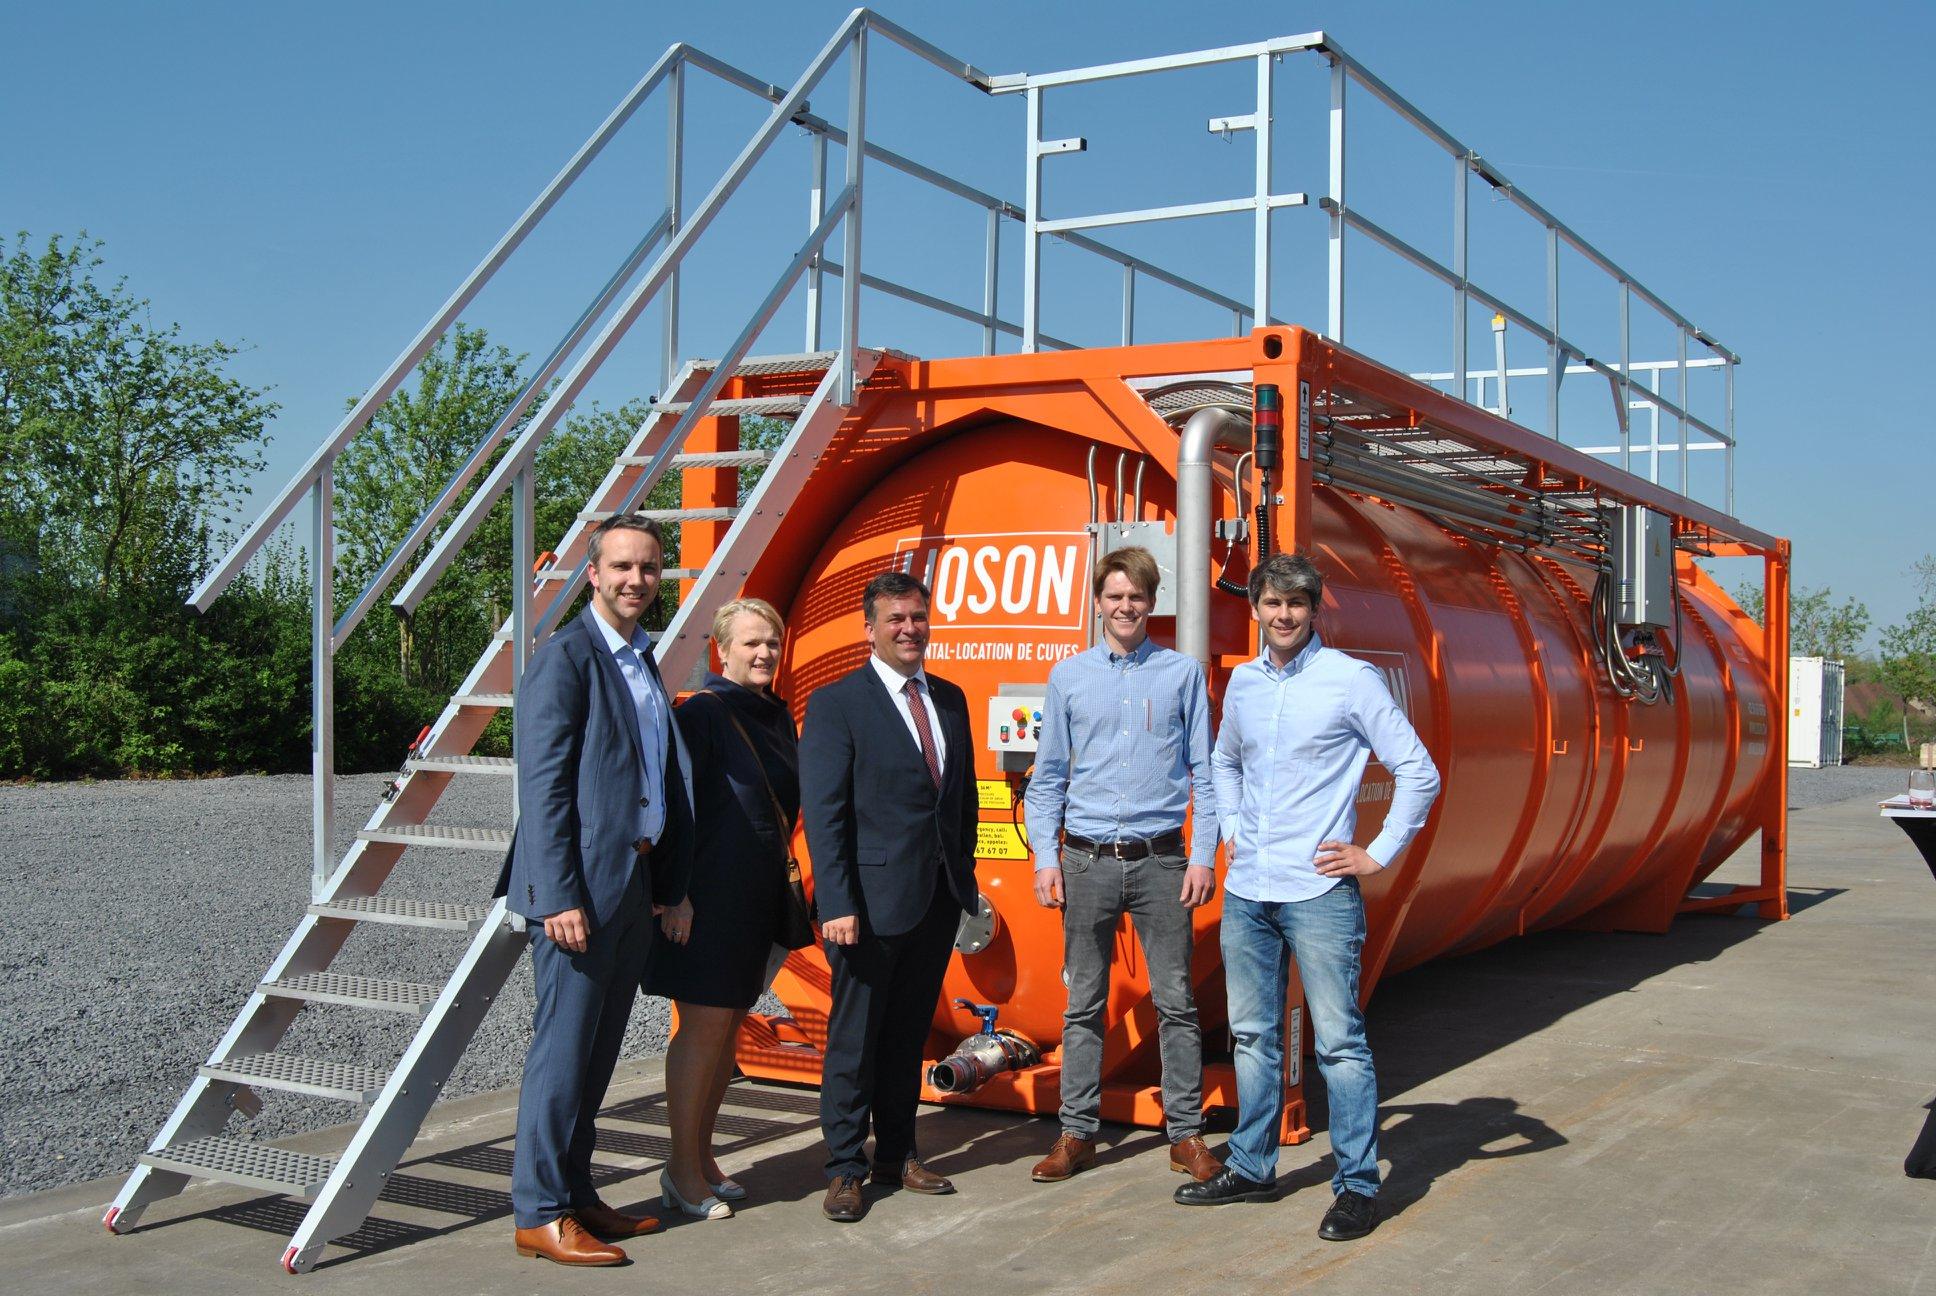 bedrijfsbezoek burgemeester liqson tankverhuur